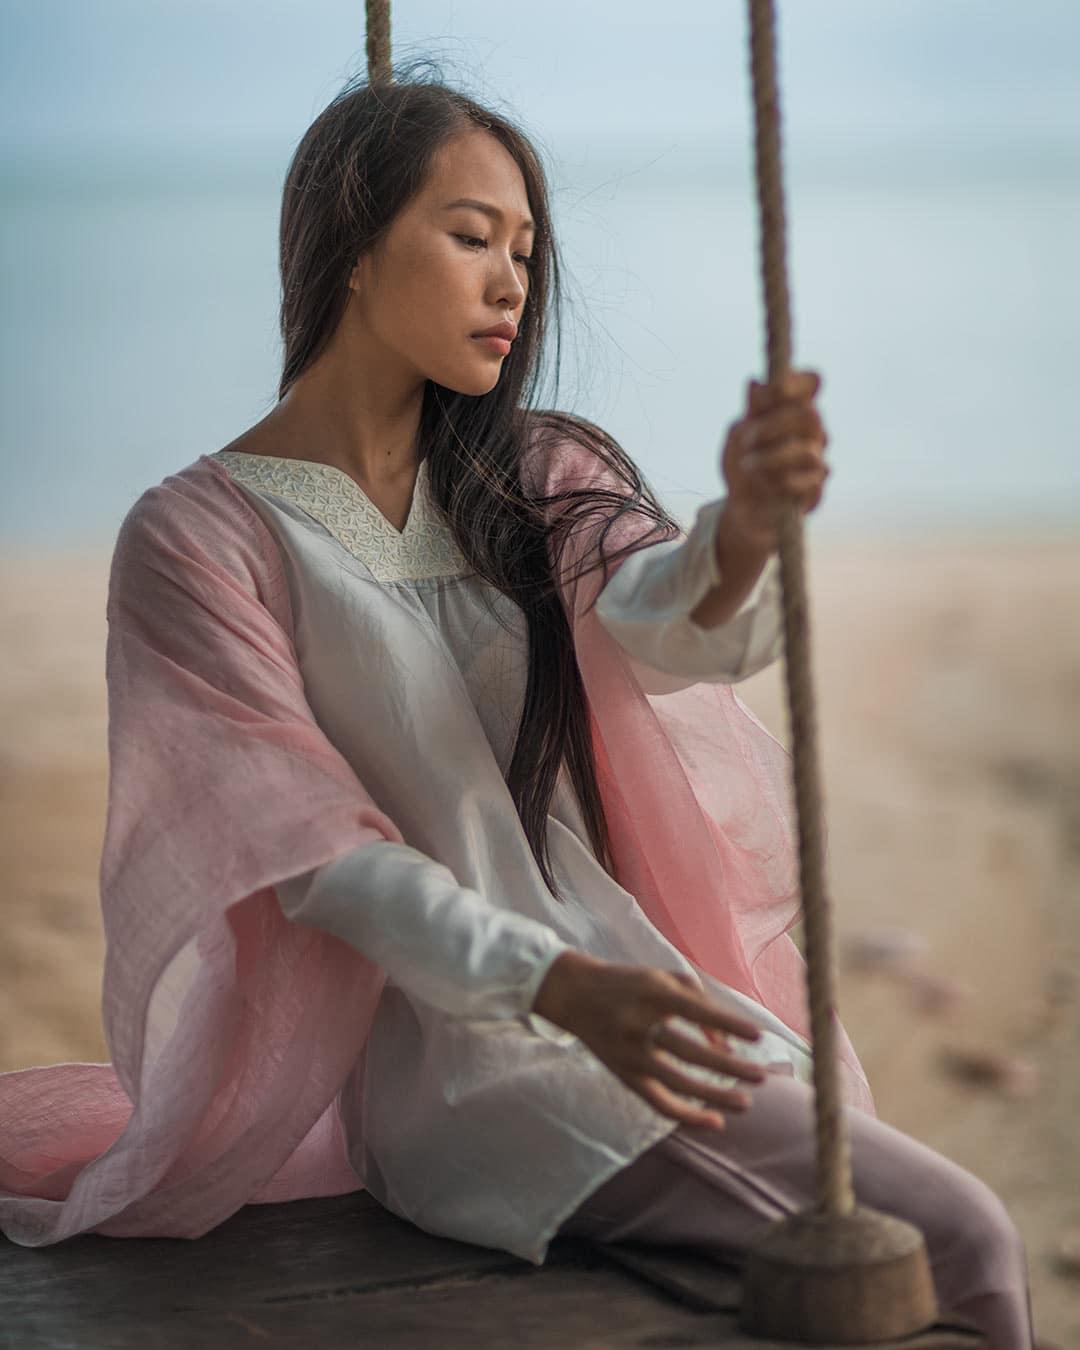 YaYa-Kamalaya-Thailand-02